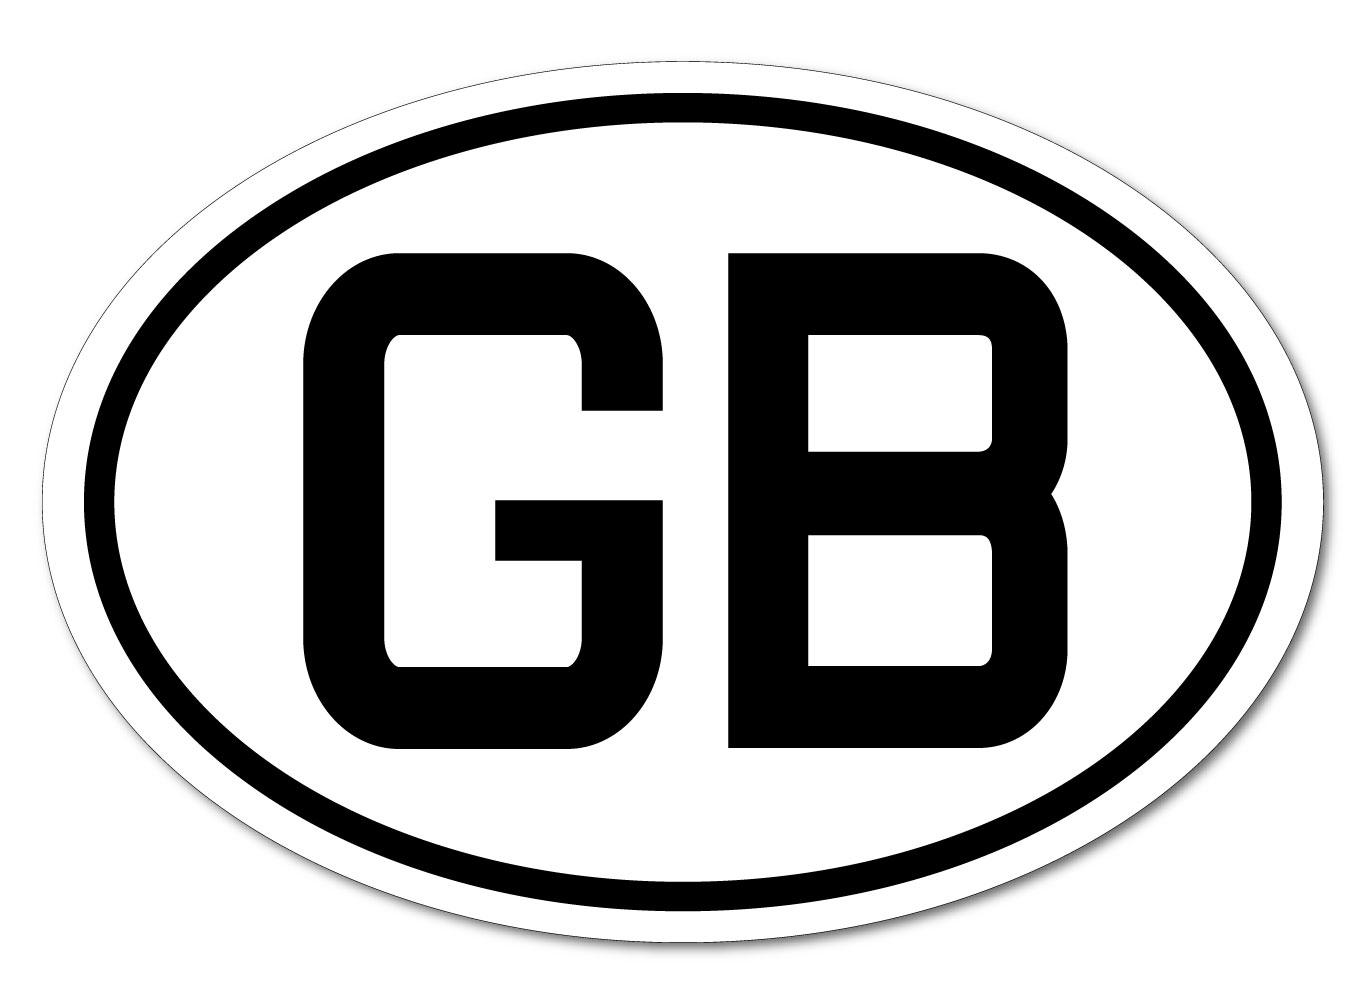 イギリス GB ビークルID・国識別 ステッカー(シール)屋外耐候耐水 Mサイズ 縦8.5cm×横12cm 楕円タイプ B-1 ・Great Britain